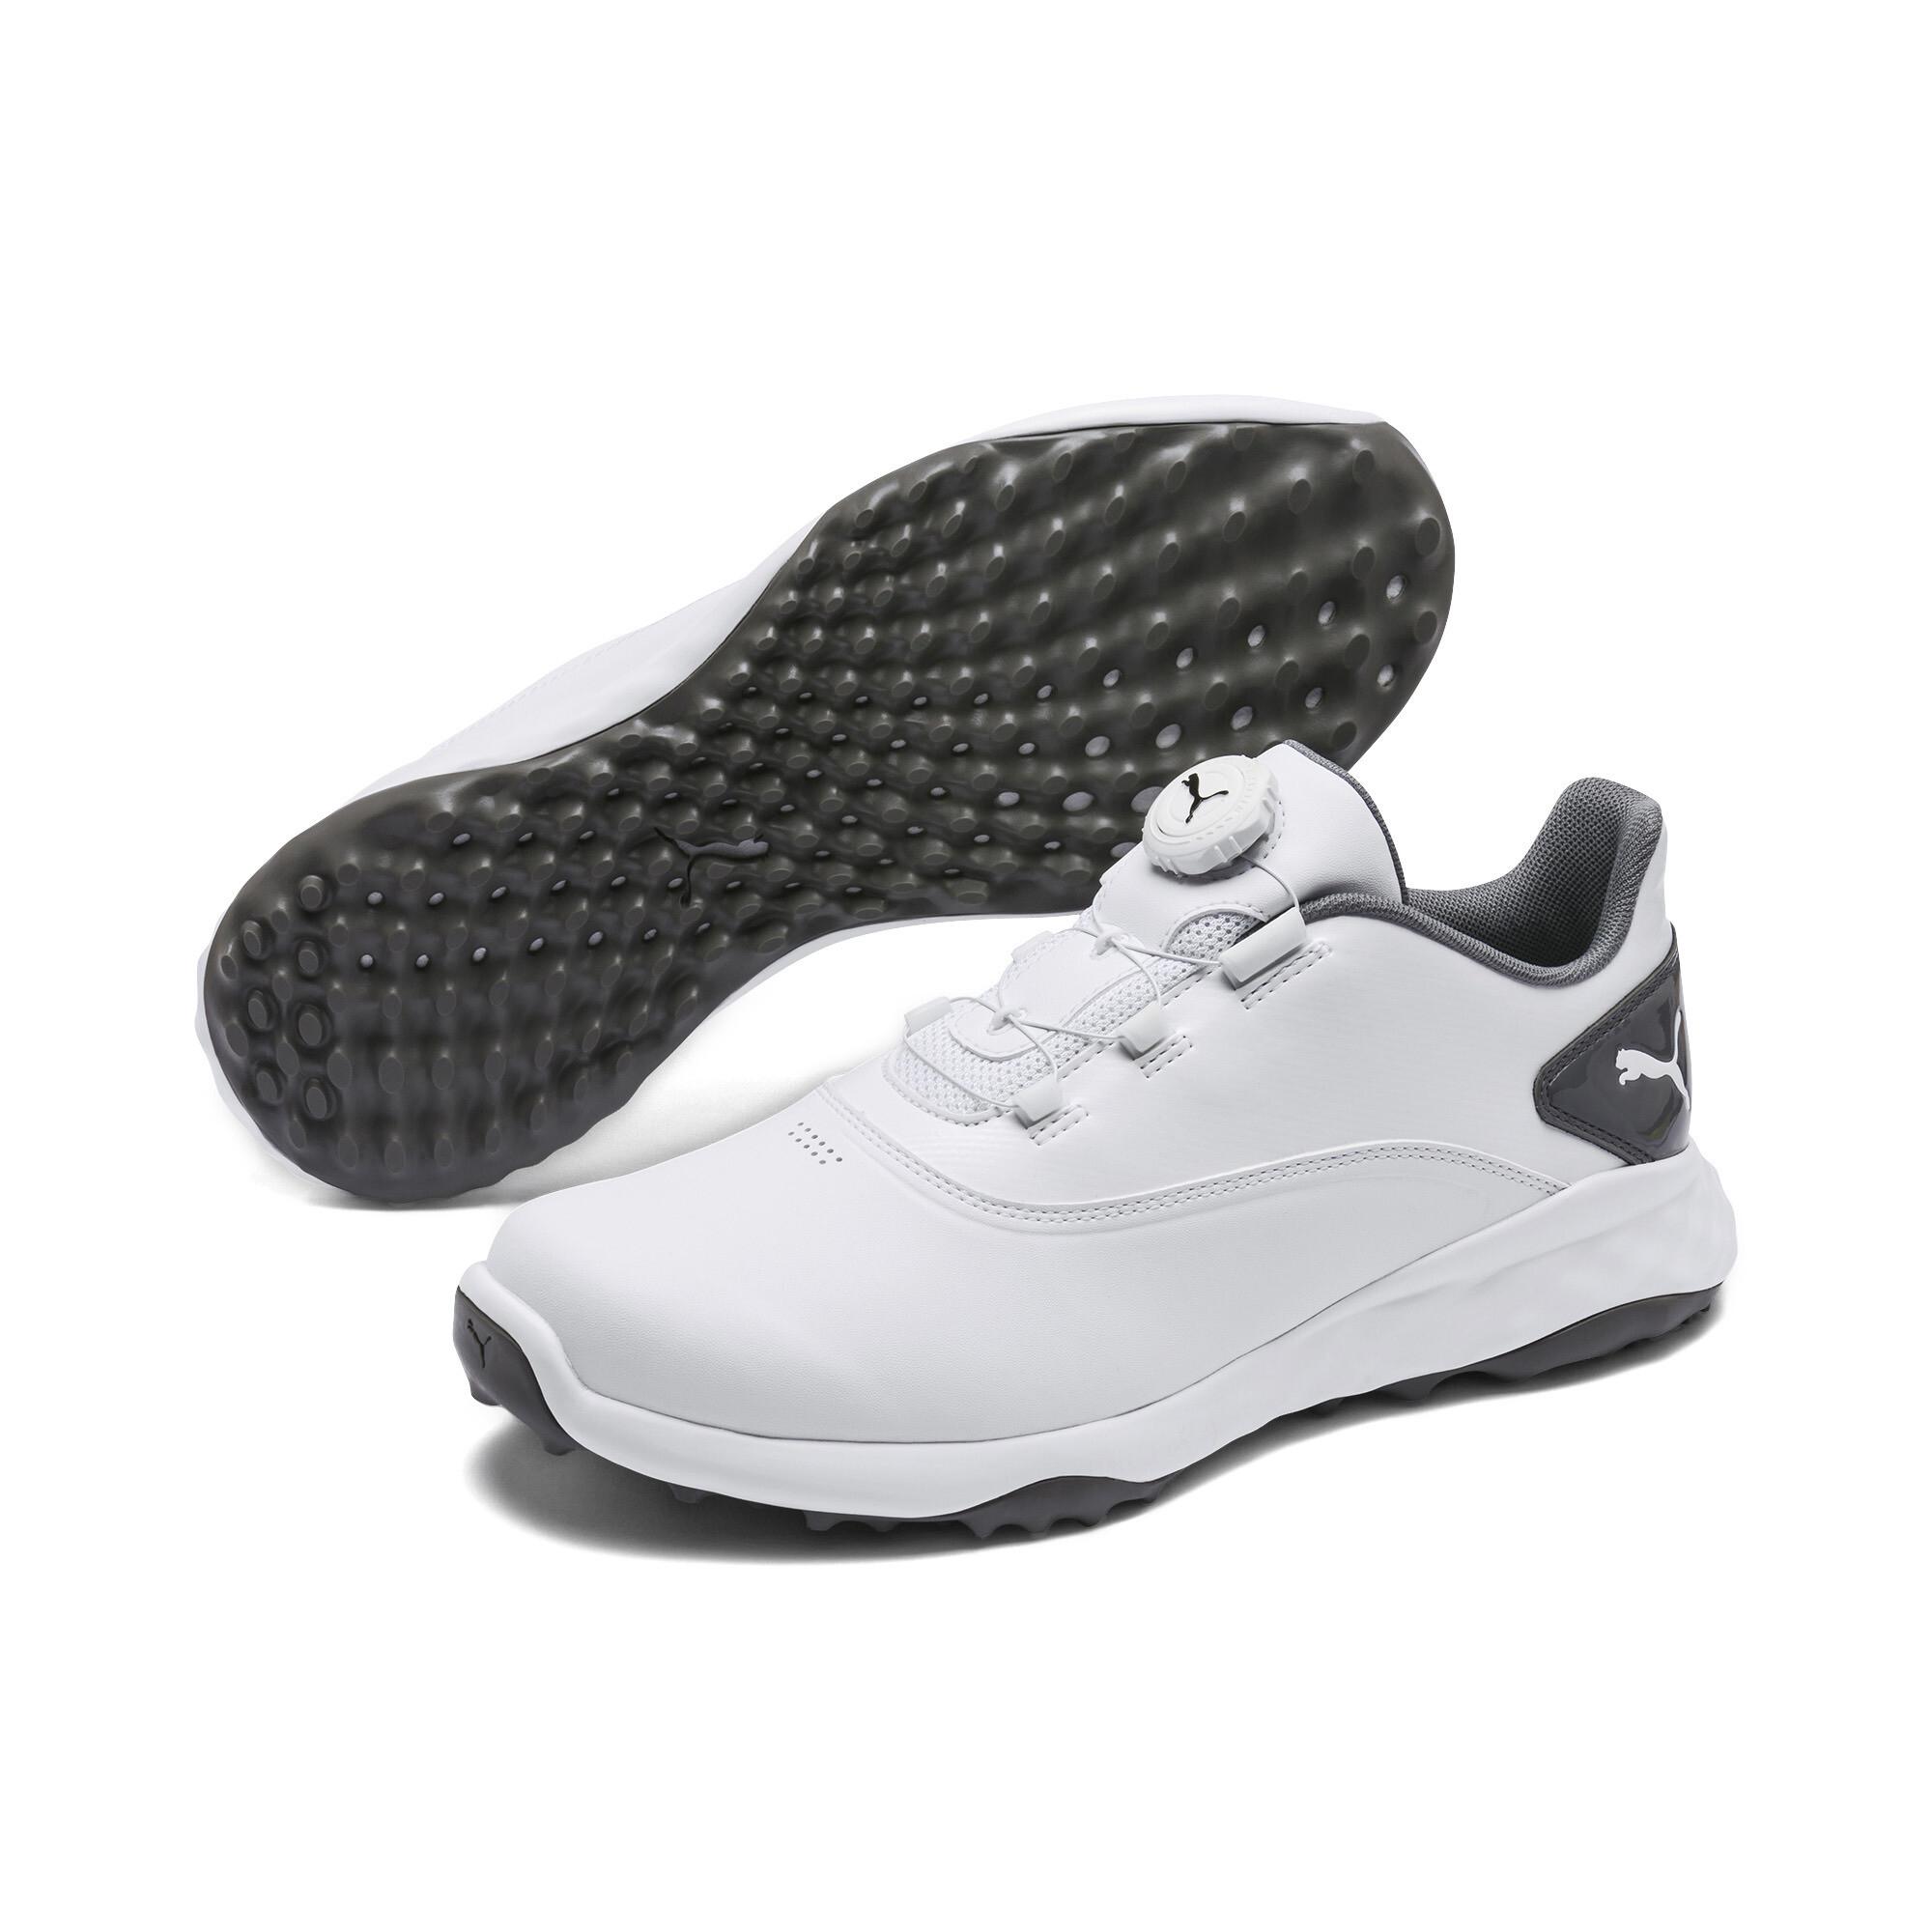 プーマ ゴルフ グリップフュージョン ディスク スパイクレスシューズ メンズ White-QUIET SHADE  PUMA.com